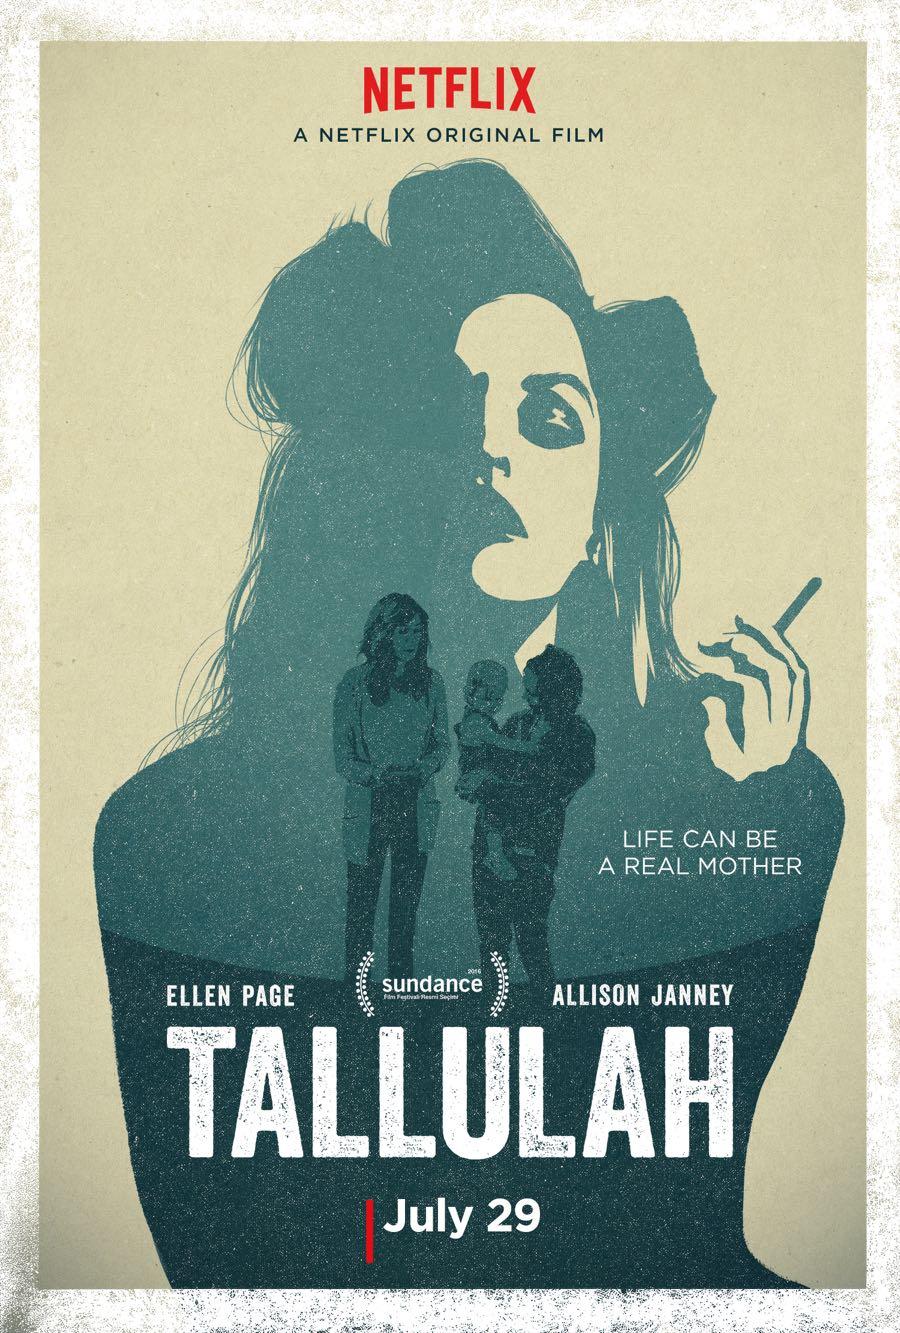 Tallulah-Key-Art-Poster-Ellen-Page-Netflix